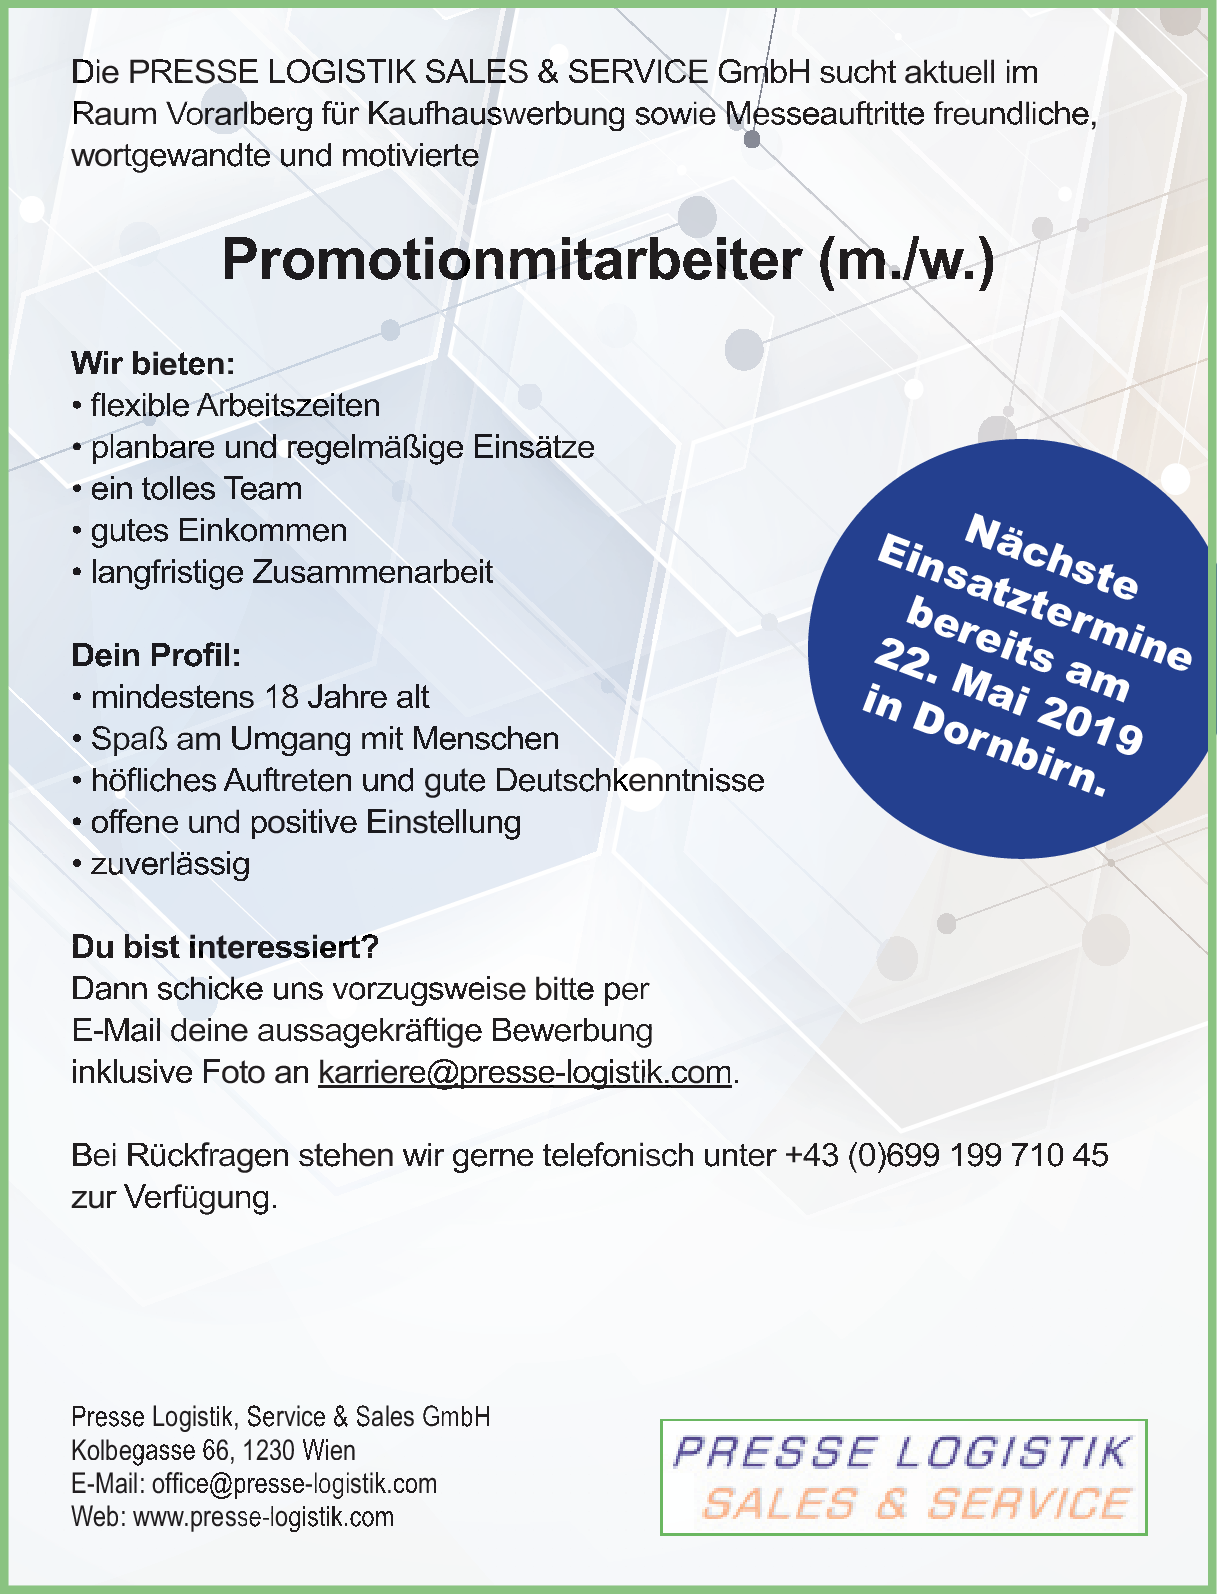 Promotionsmitarbeiter Mw Vorarlberg Jobs In Vorarlberg